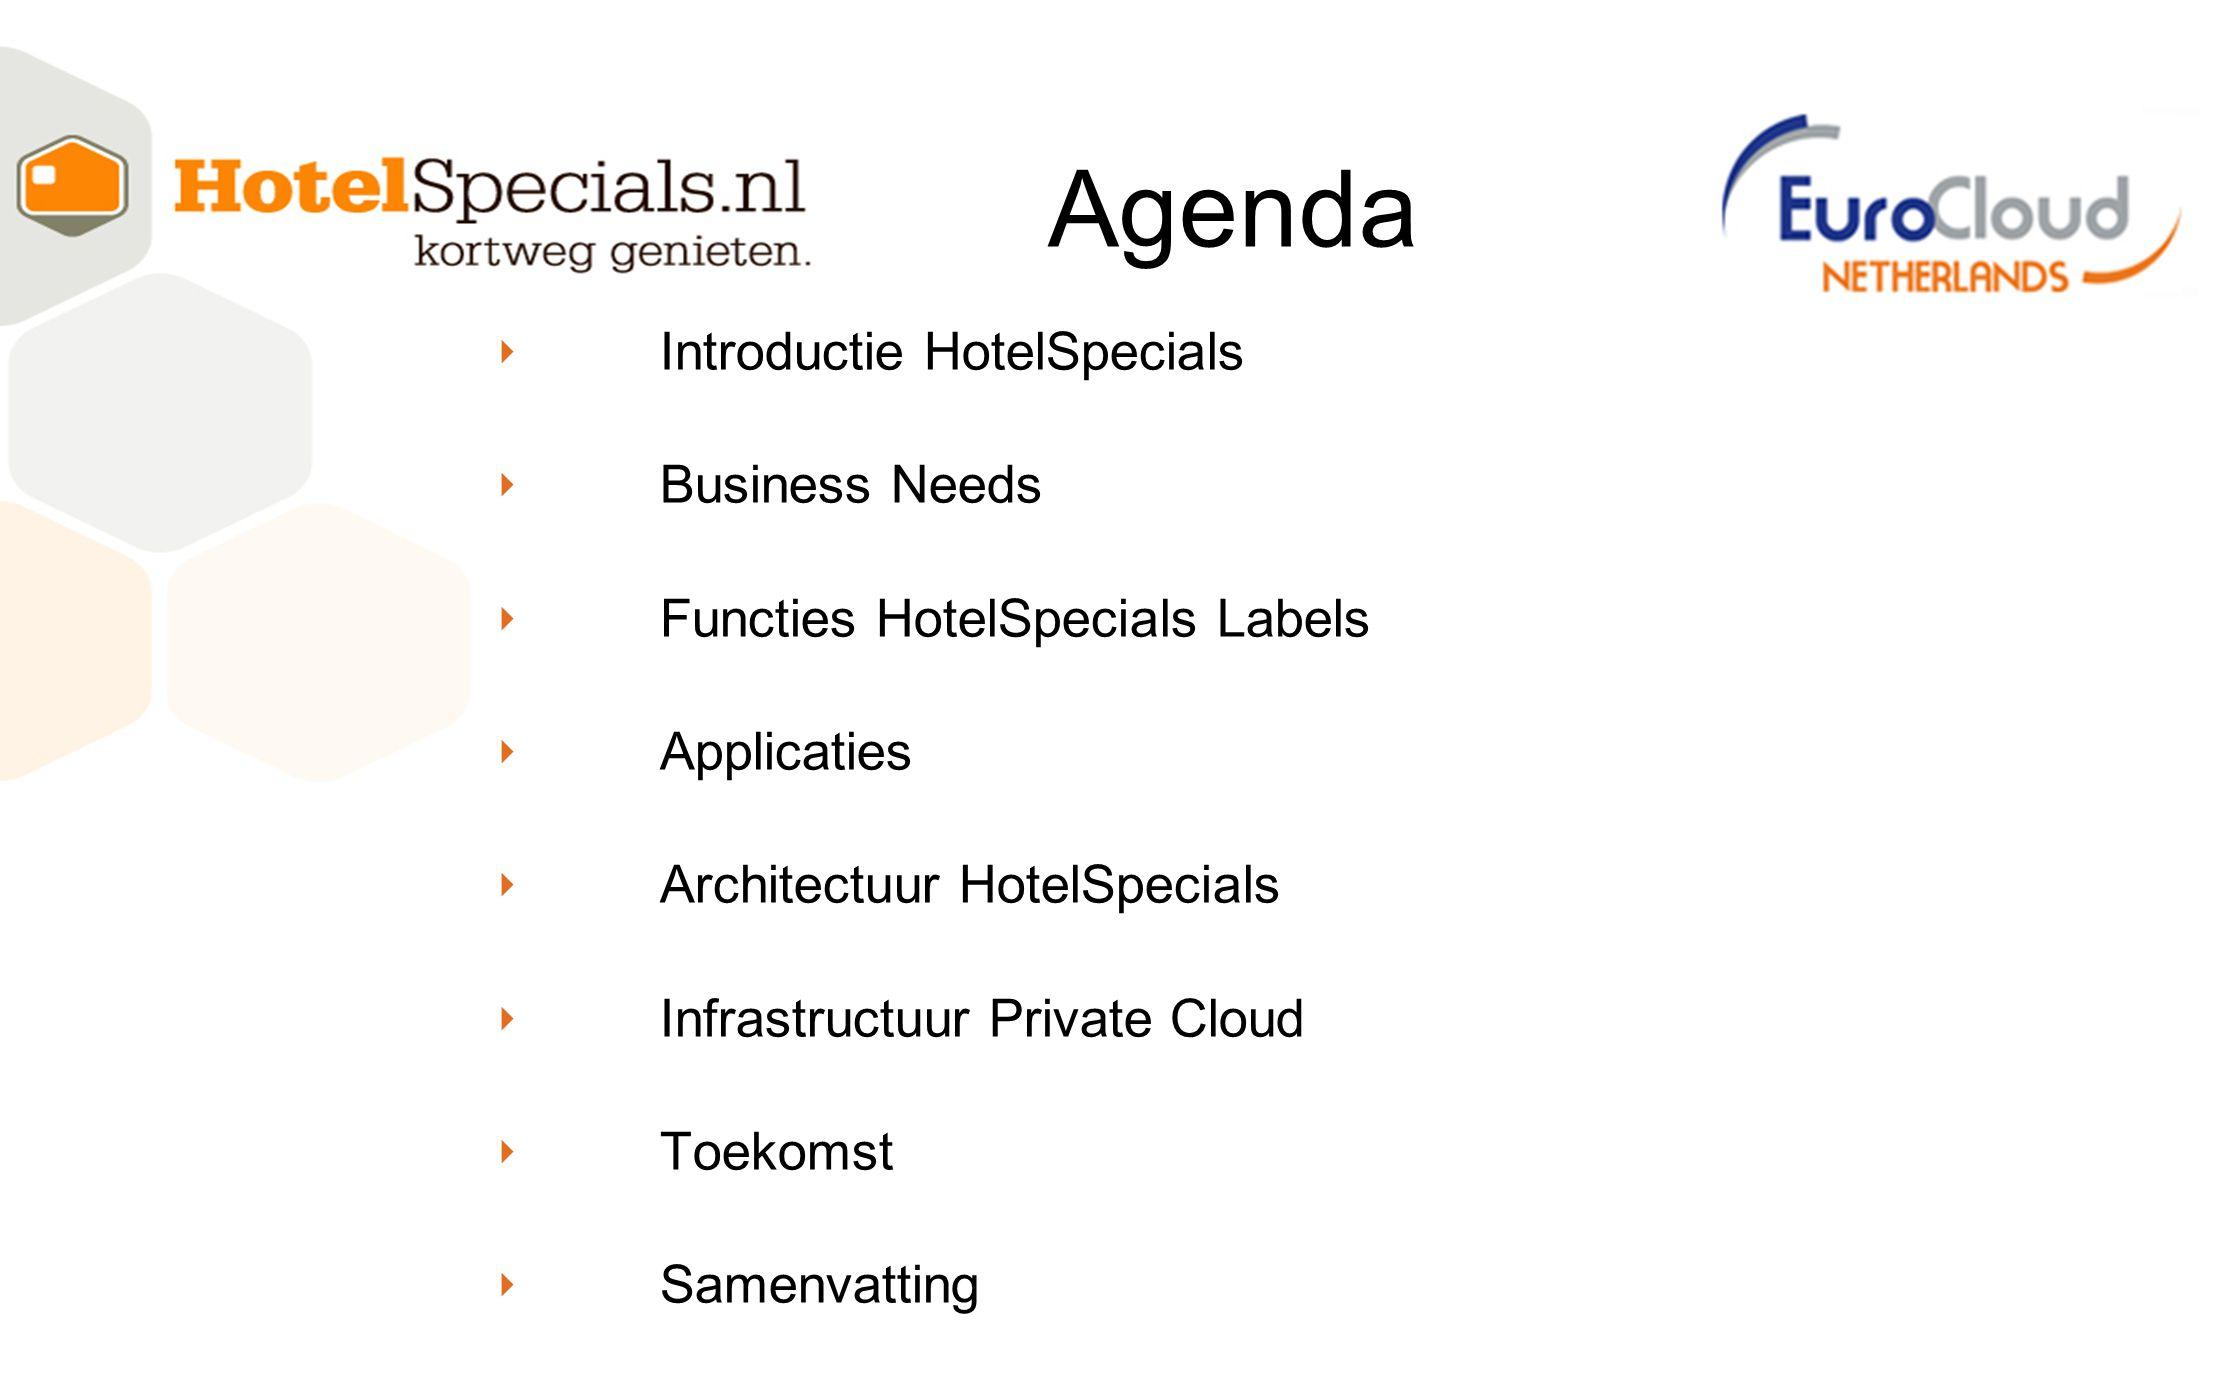 ‣ Introductie HotelSpecials ‣ Business Needs ‣ Functies HotelSpecials Labels ‣ Applicaties ‣ Architectuur HotelSpecials ‣ Infrastructuur Private Cloud ‣ Toekomst ‣ Samenvatting Agenda